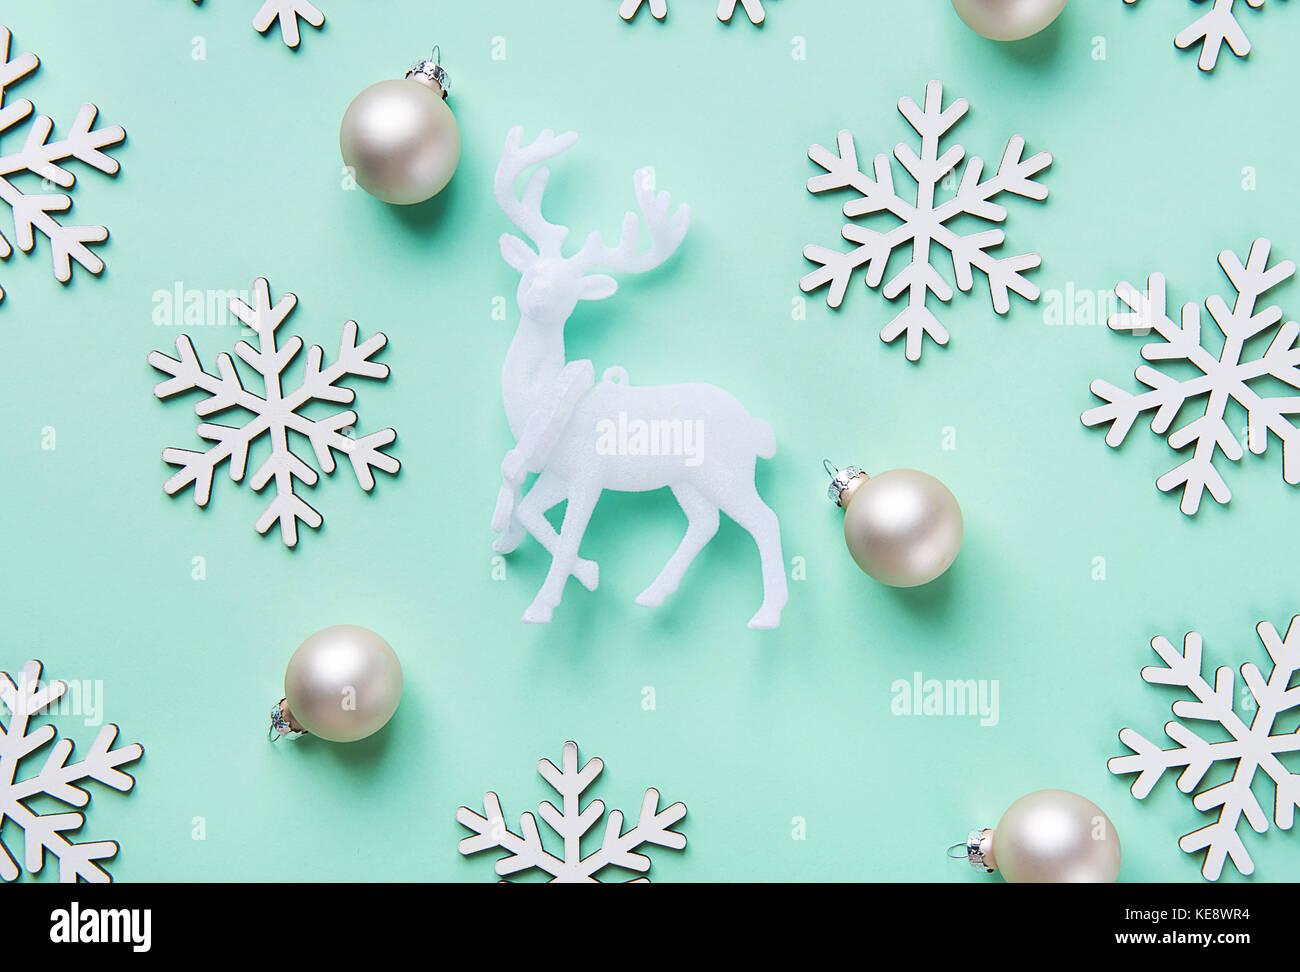 Elegante Weihnachten Neujahr Grußkarte Plakat weiße Rentier Schneeflocken Kugeln Muster auf türkis Stockbild